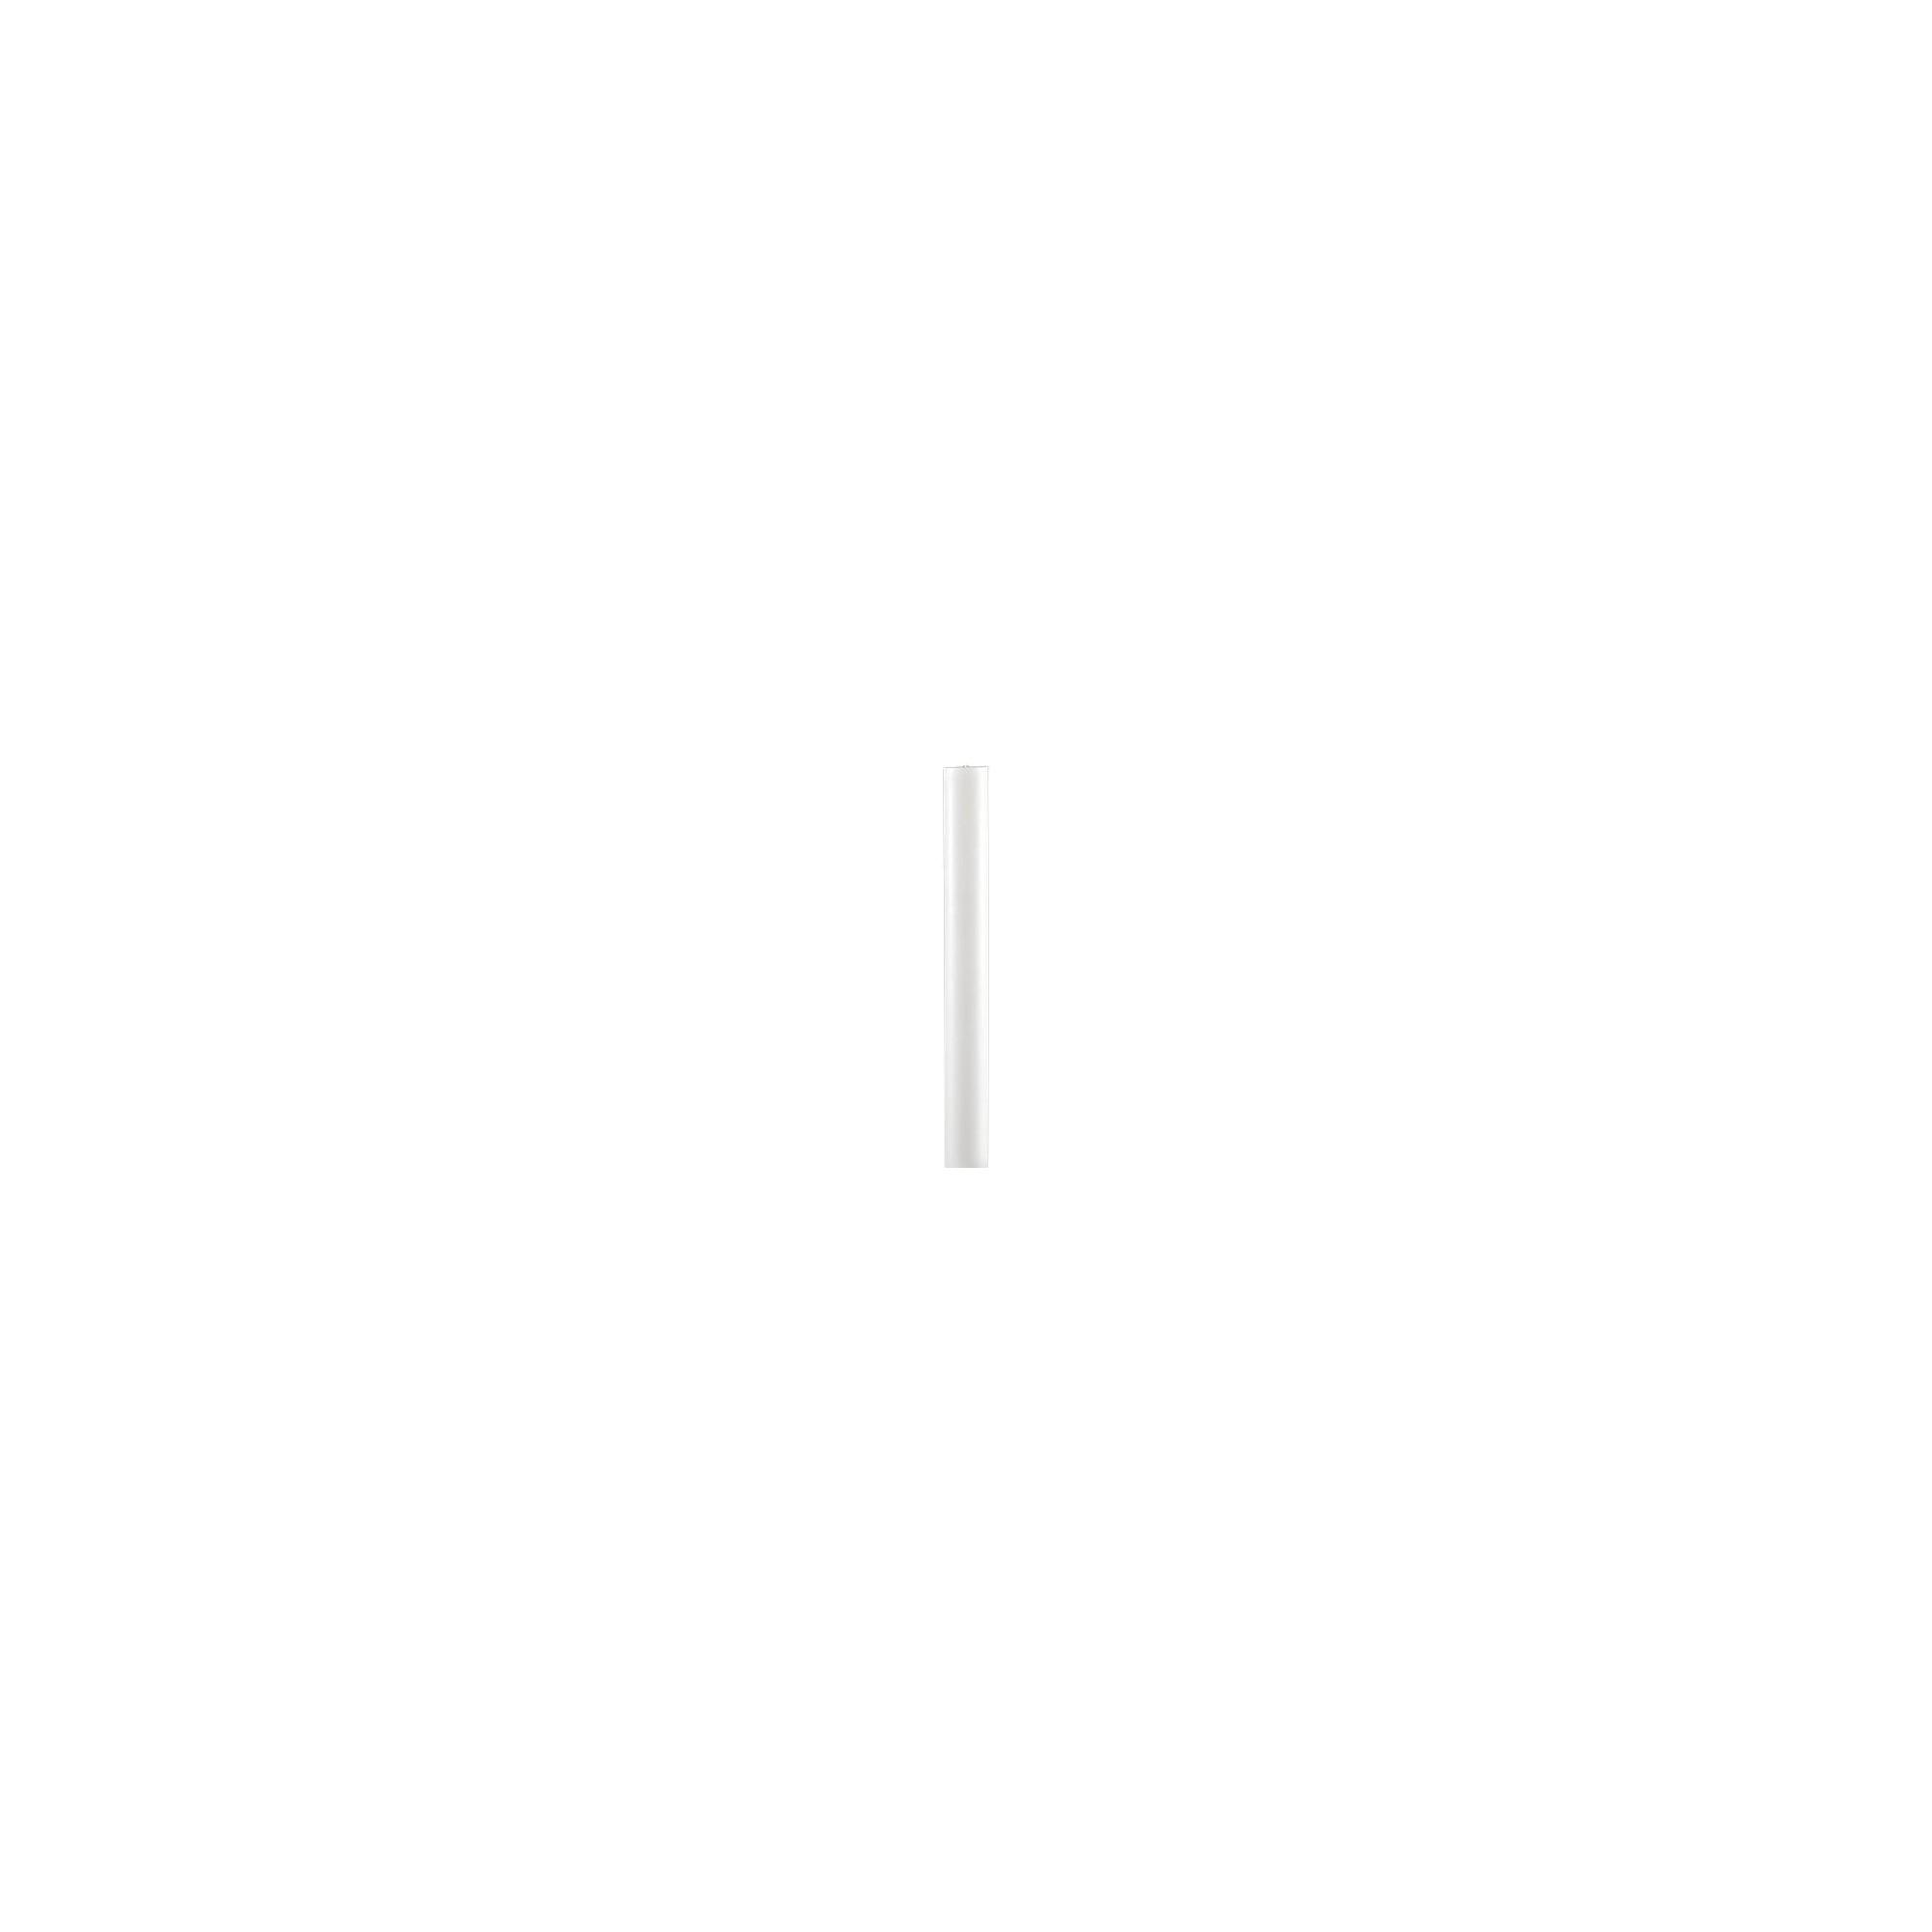 Λαμπάδα 10 x 140 cm - ΝΚ10140